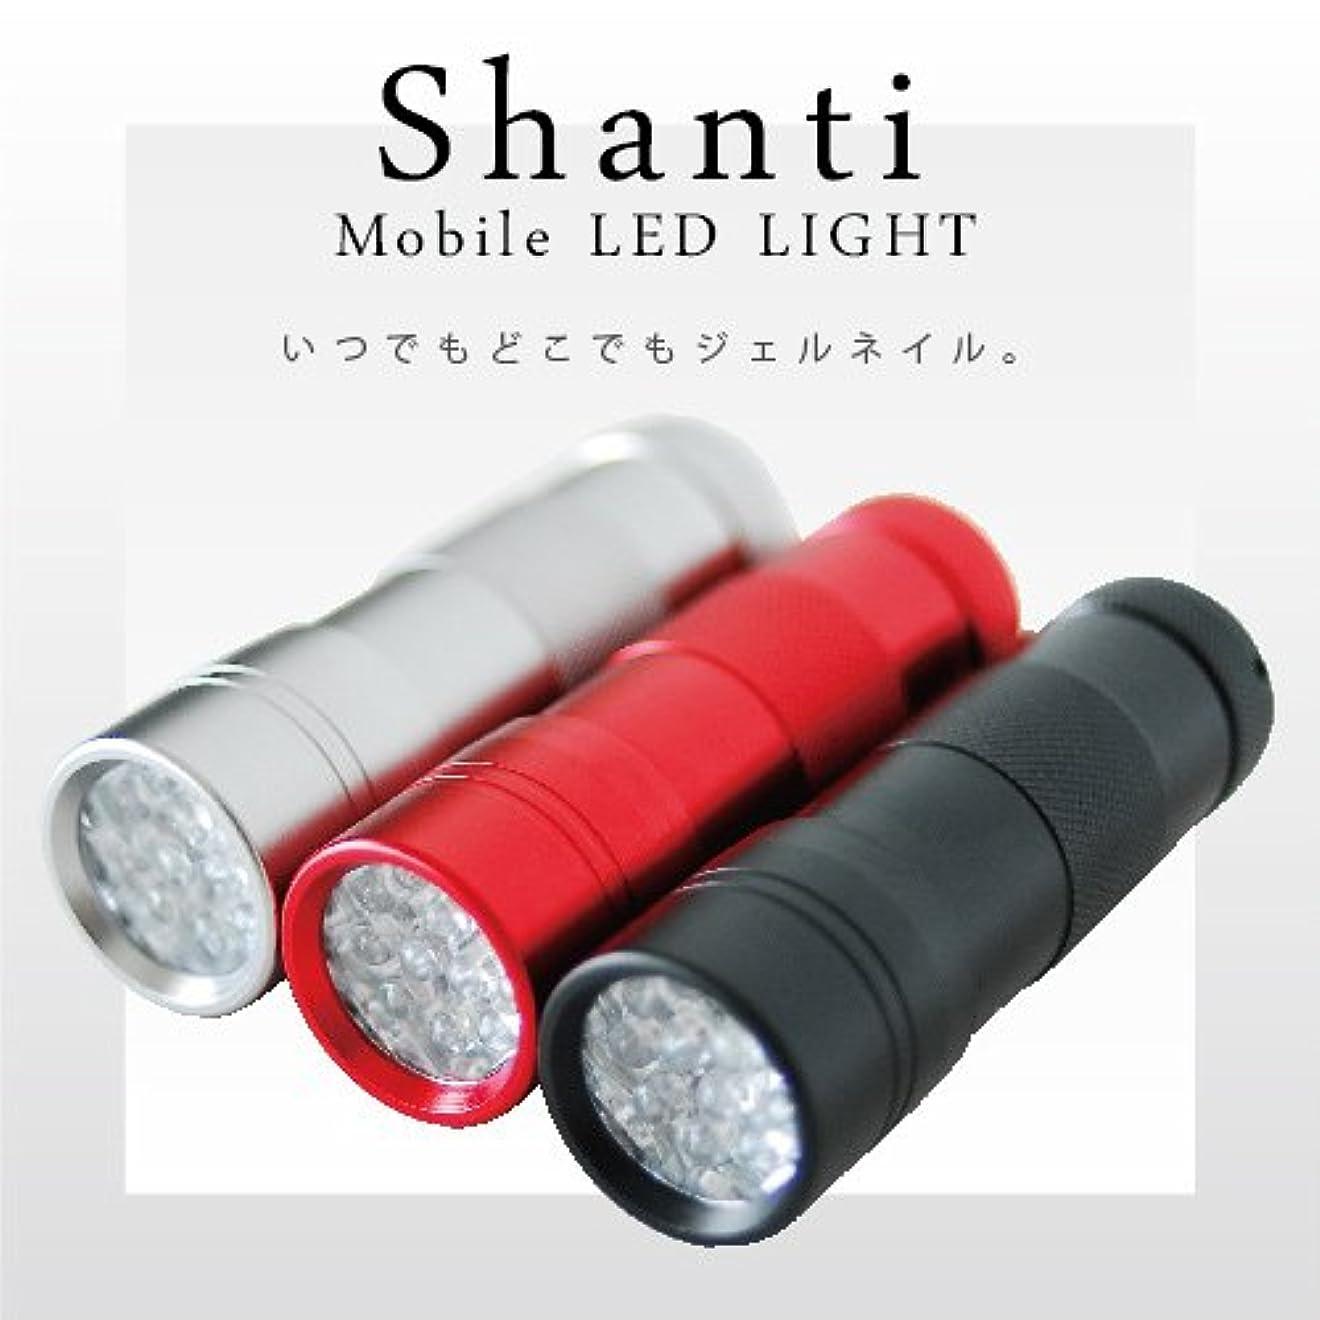 環境に優しいじゃない理解するジェルネイル用UVライト ペン型LEDライト Shanti Mobile LED ペン型ポータブルLEDライト カラー:レッド  携帯用ハンドライト